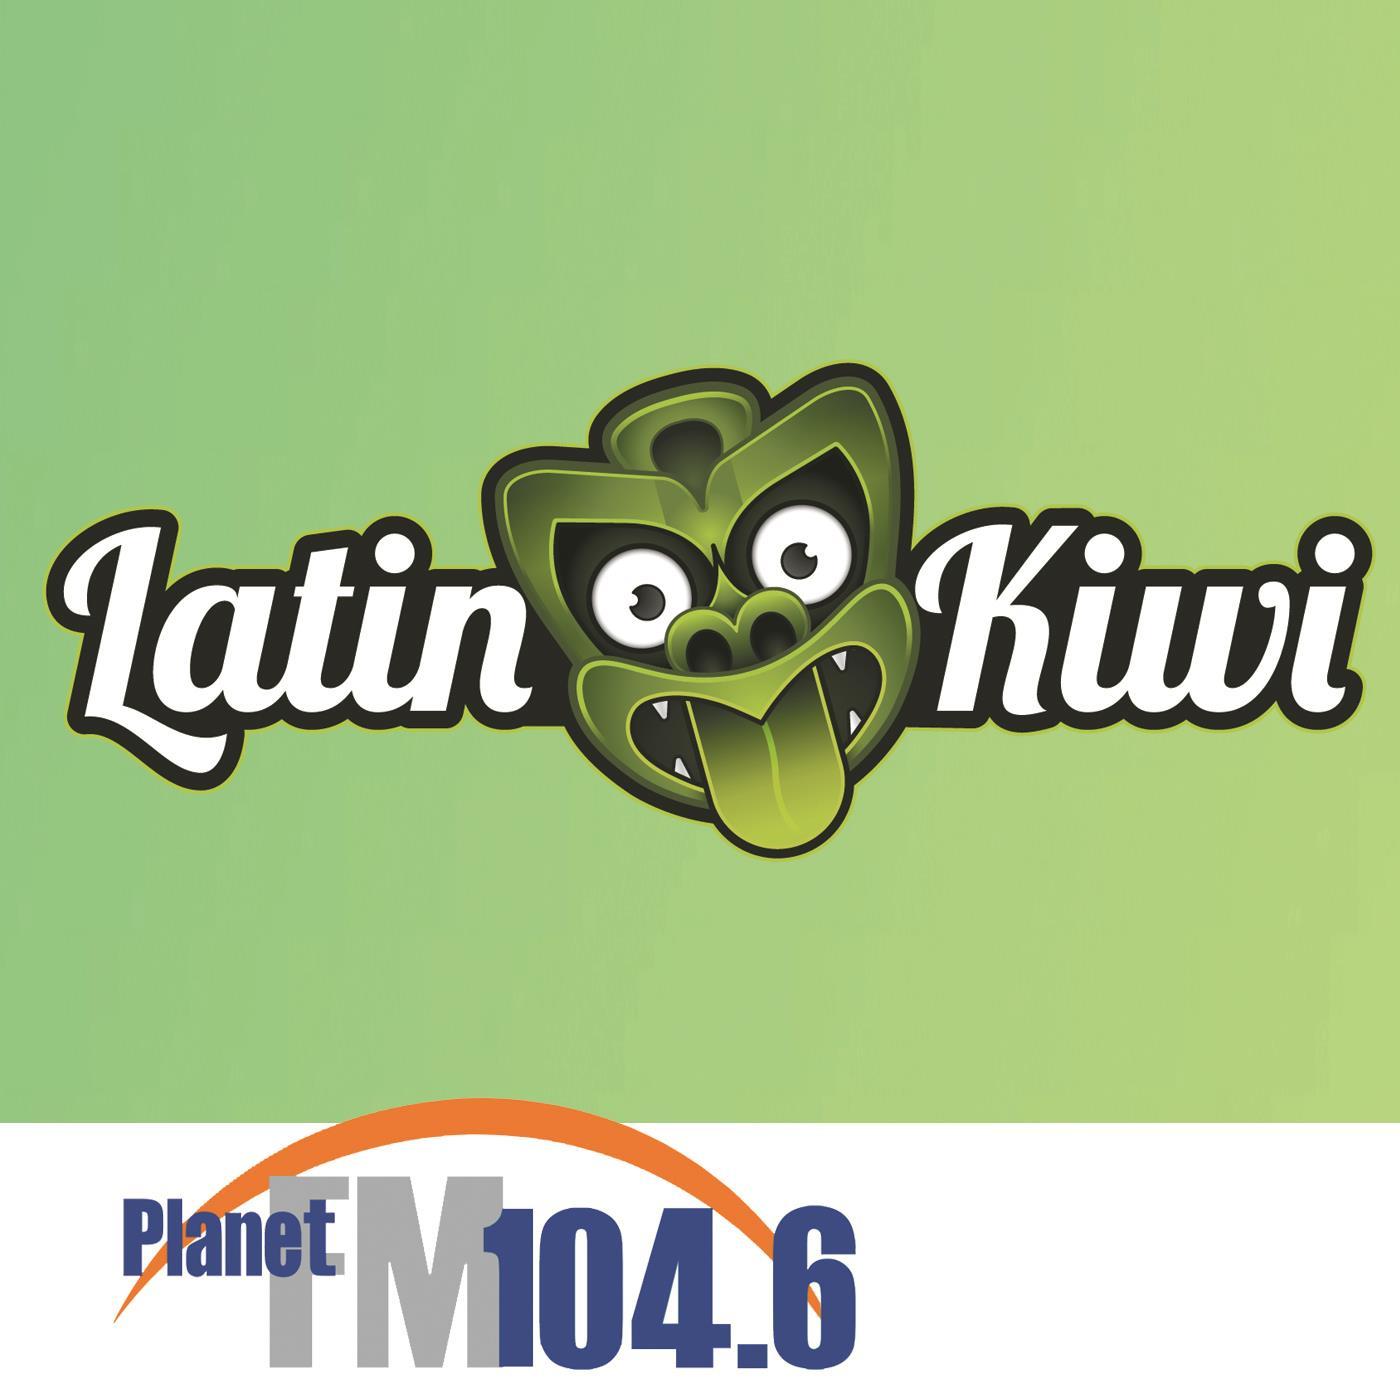 Latin Kiwi